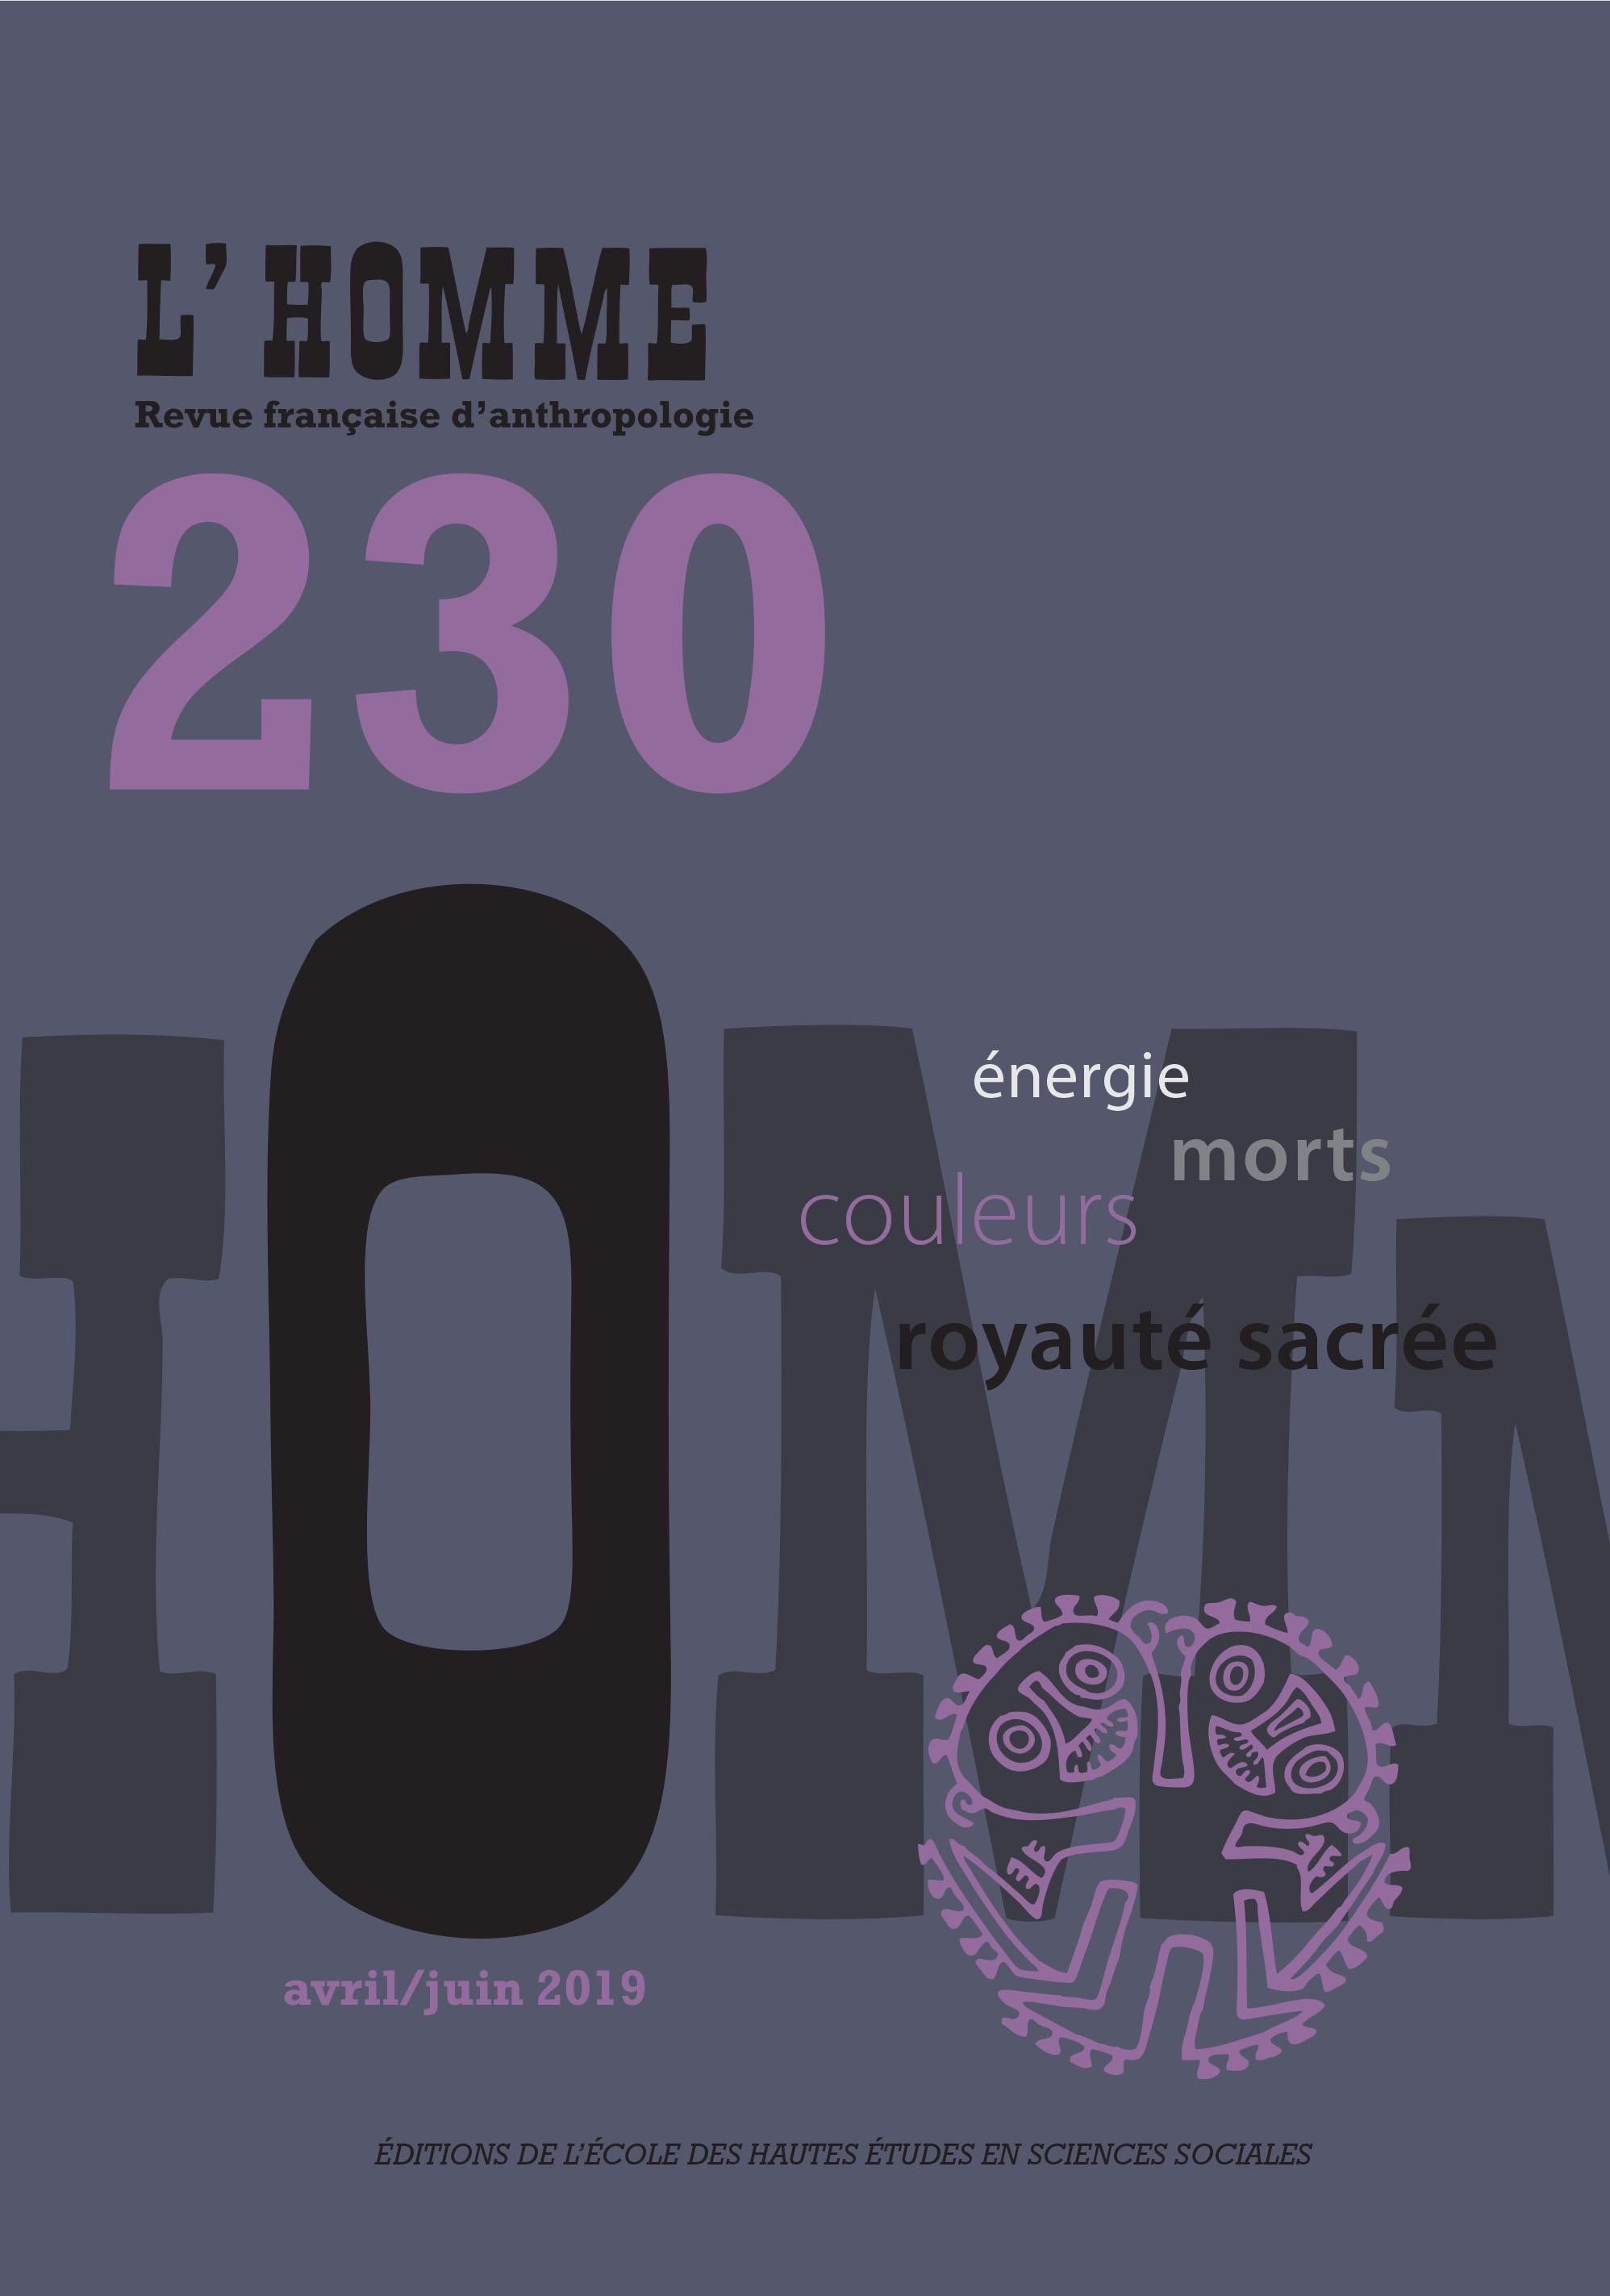 Le Travail L'énergieCairn info info De L'énergieCairn Travail L'énergieCairn Travail Le De De Le rBCxWdoe